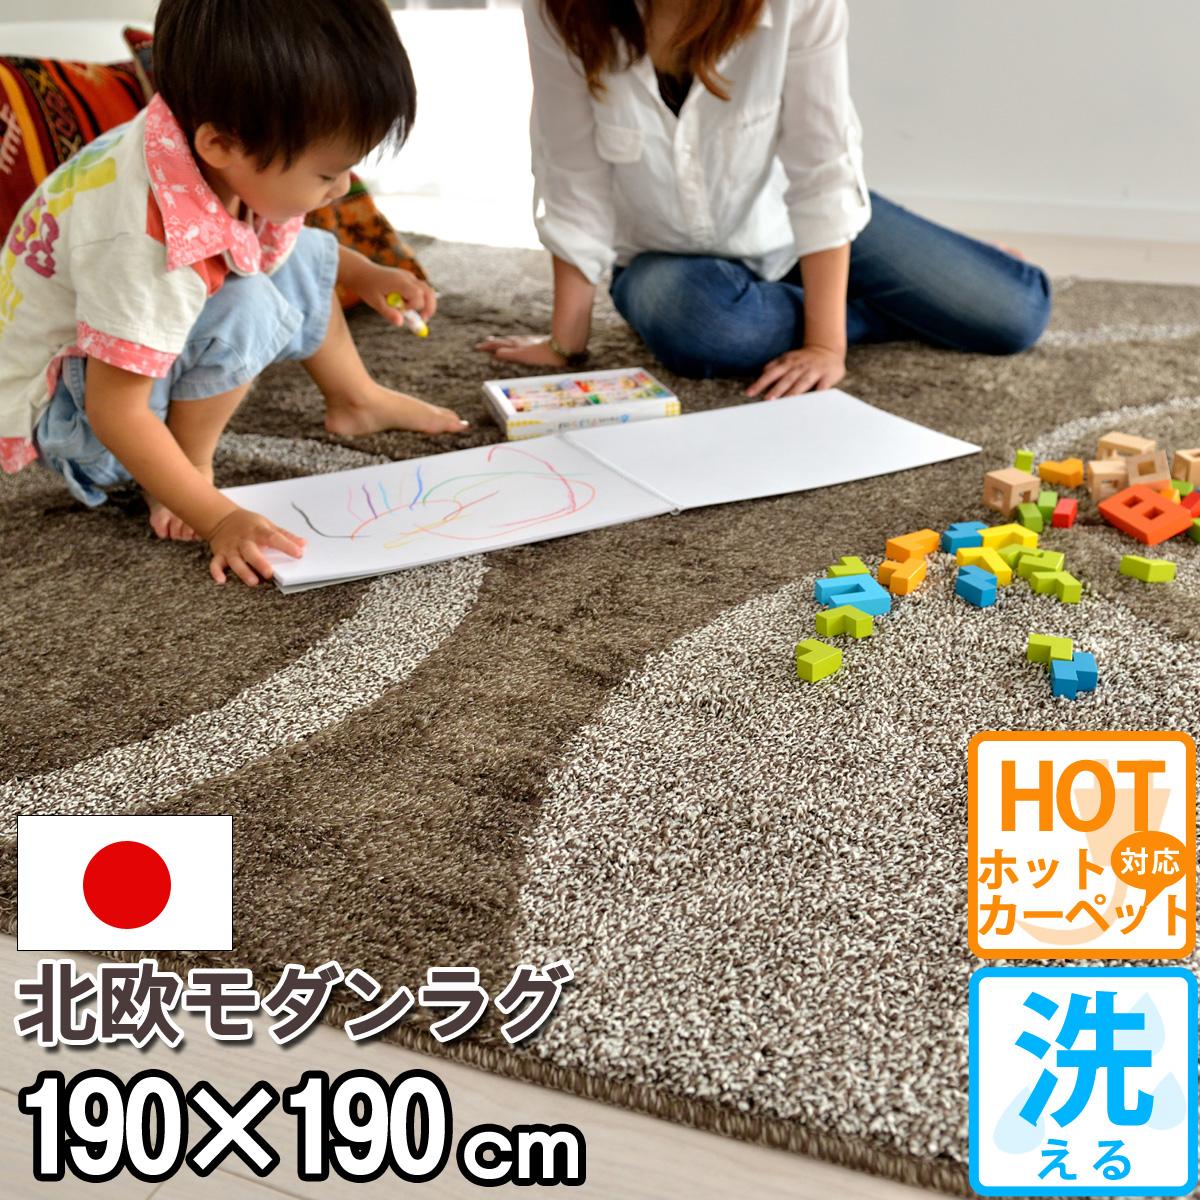 カーペット 床暖対応 ラグ 洗える 約2畳 アレルギー対策 おしゃれ ホットカーペット対応 ミックス モダン リビング 北欧 なかね家具 オールシーズン 防ダニ 柄 シャギー 赤ちゃん 日本製 茶色 マット 激安 サークル ペット 絨毯 抗菌 ブラウン 190×190 ビジャウ